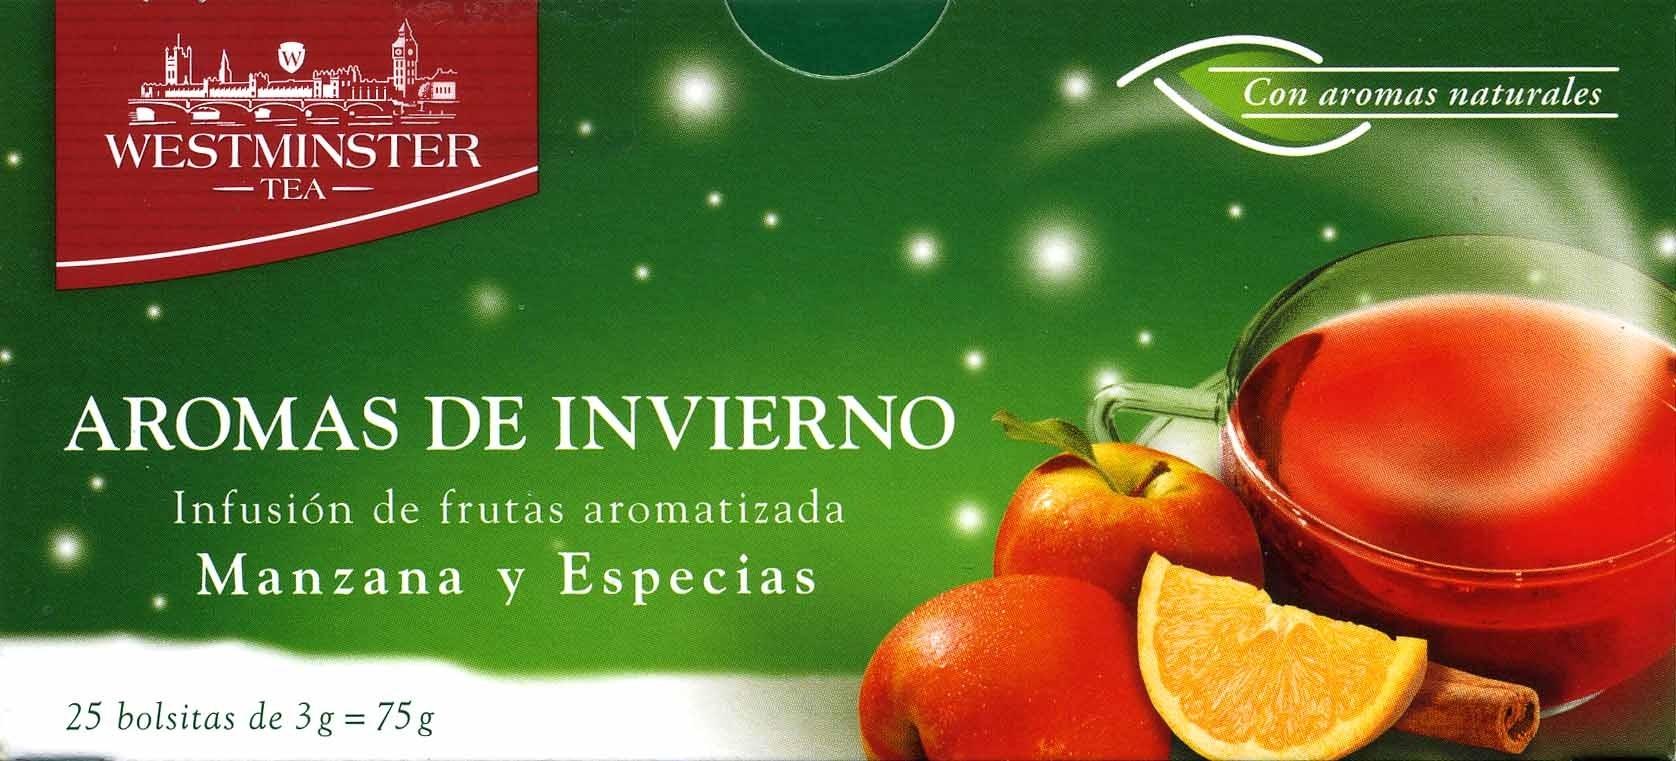 Aromas de invierno canela picante manzana - Product